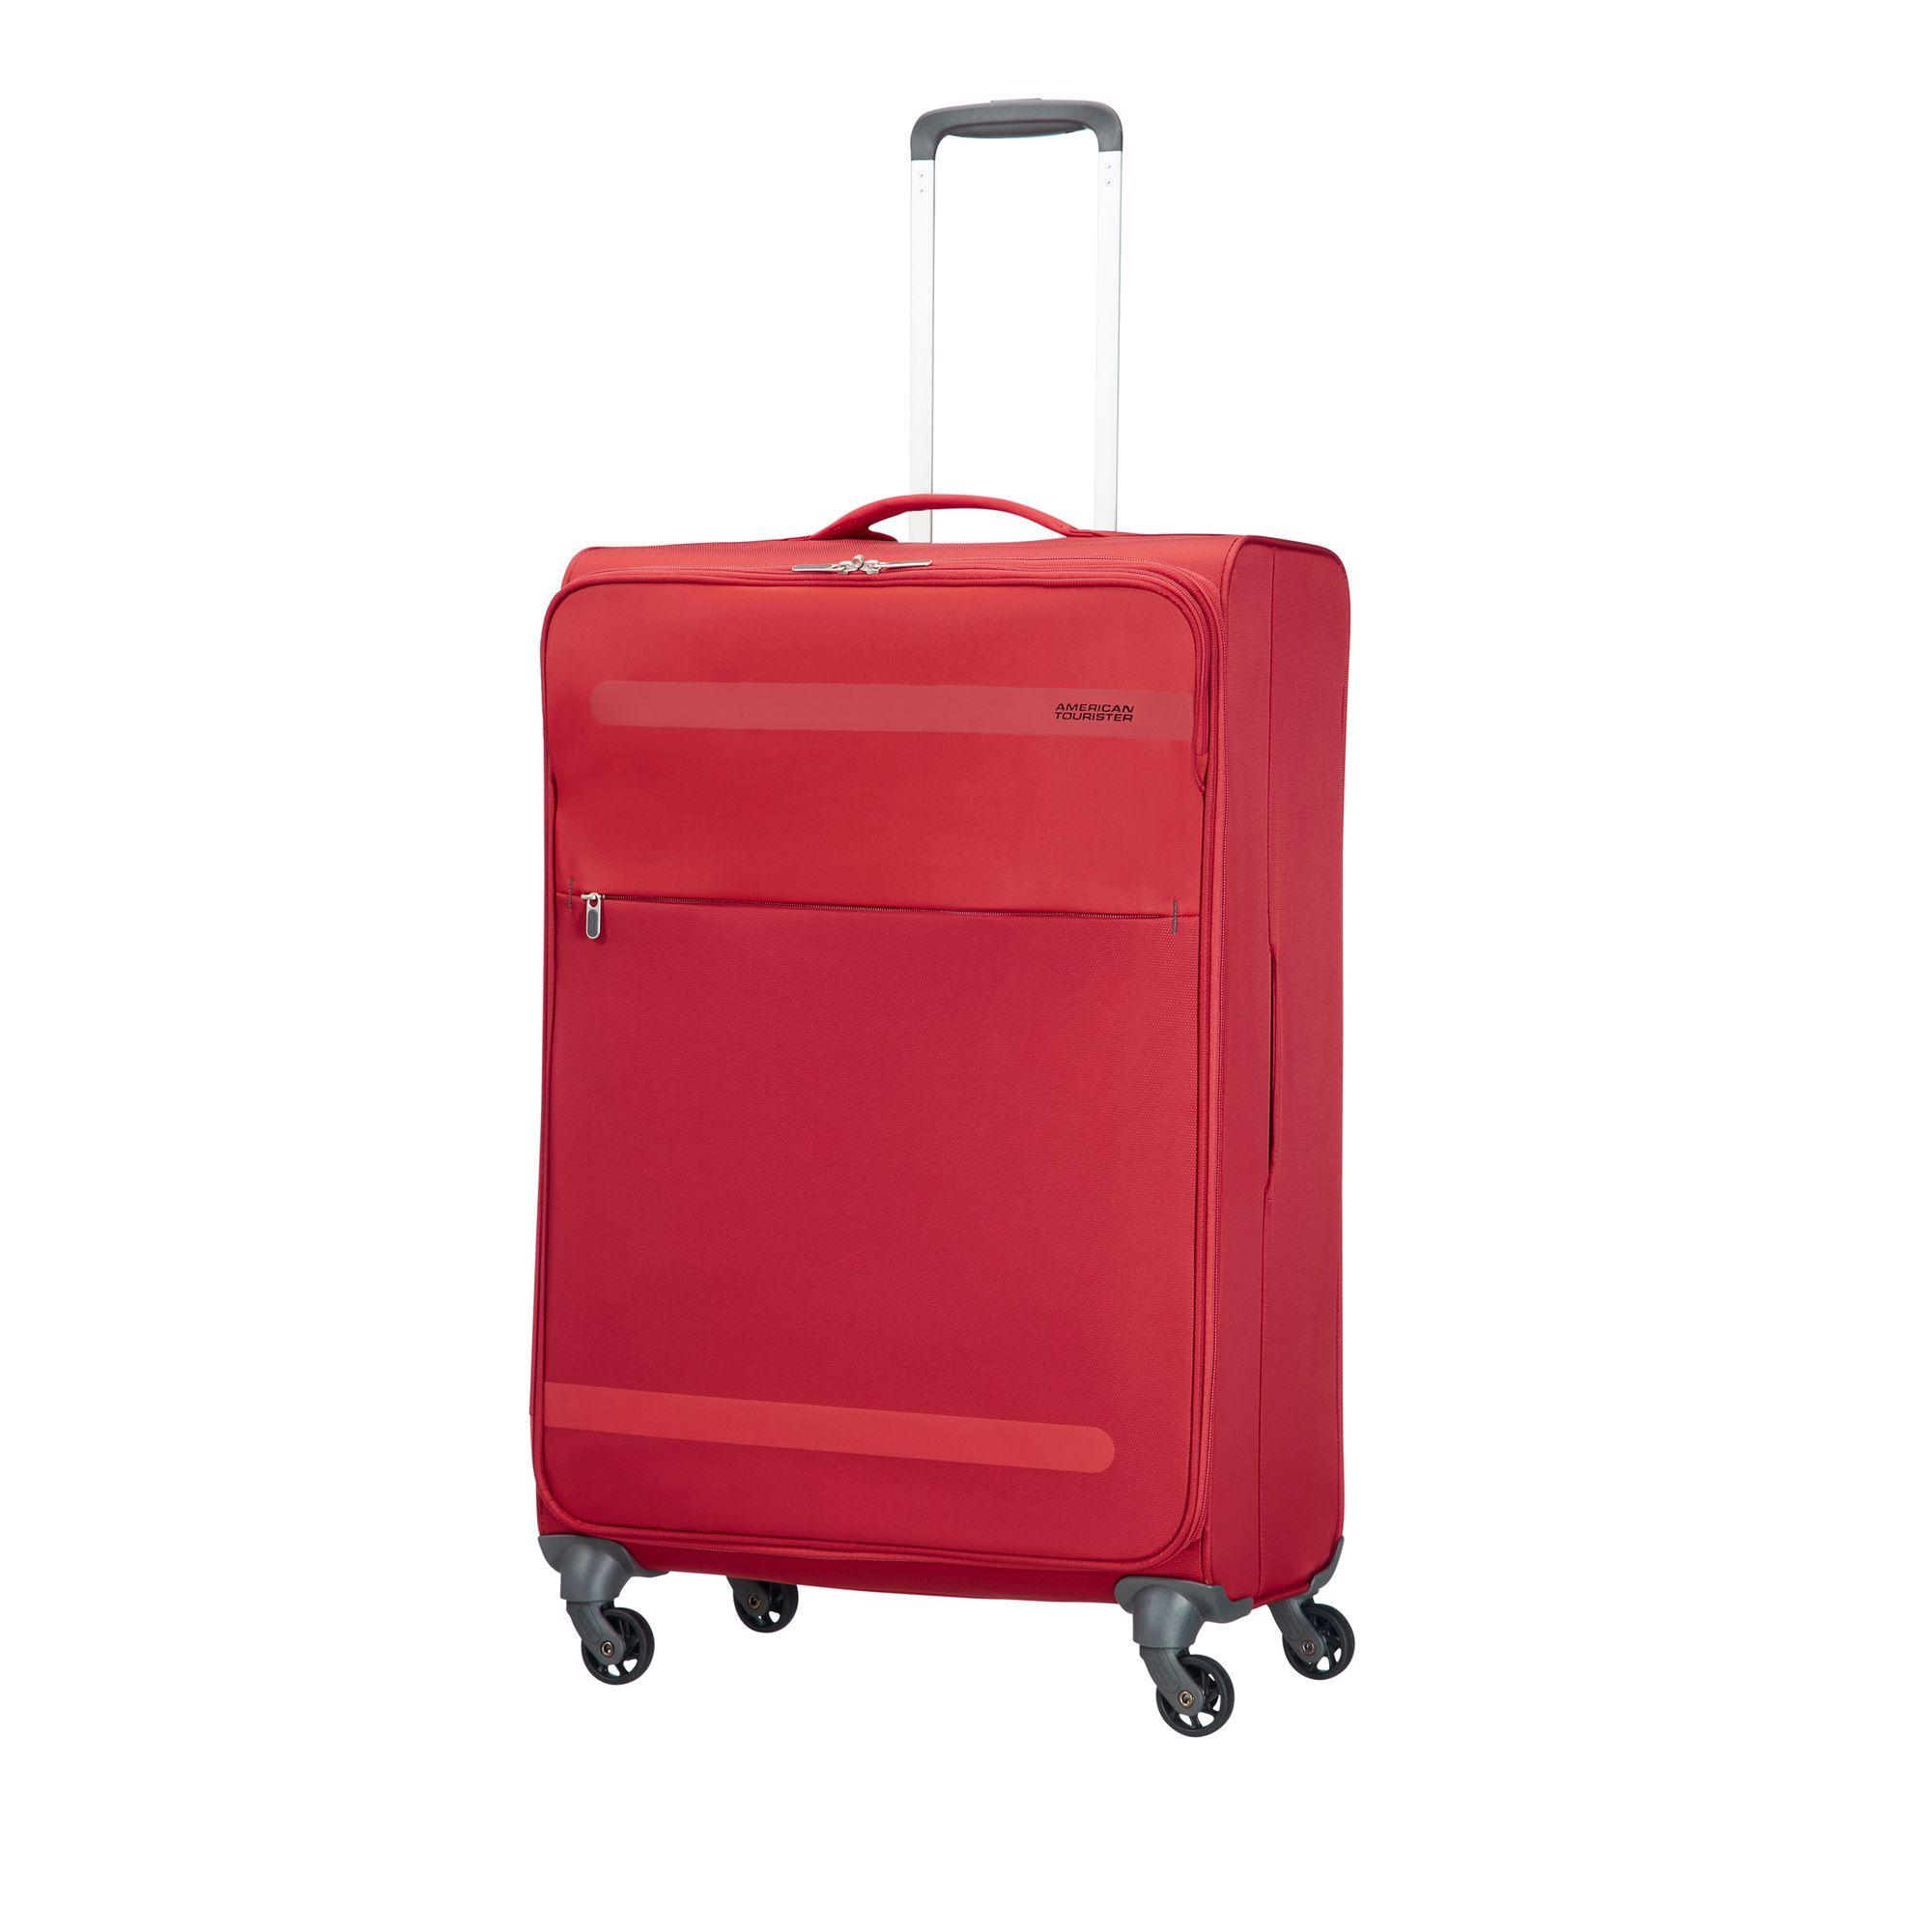 Bilde av American Tourister Herolite Myk Koffert, 4 Hjul, 74 Cm, Rød